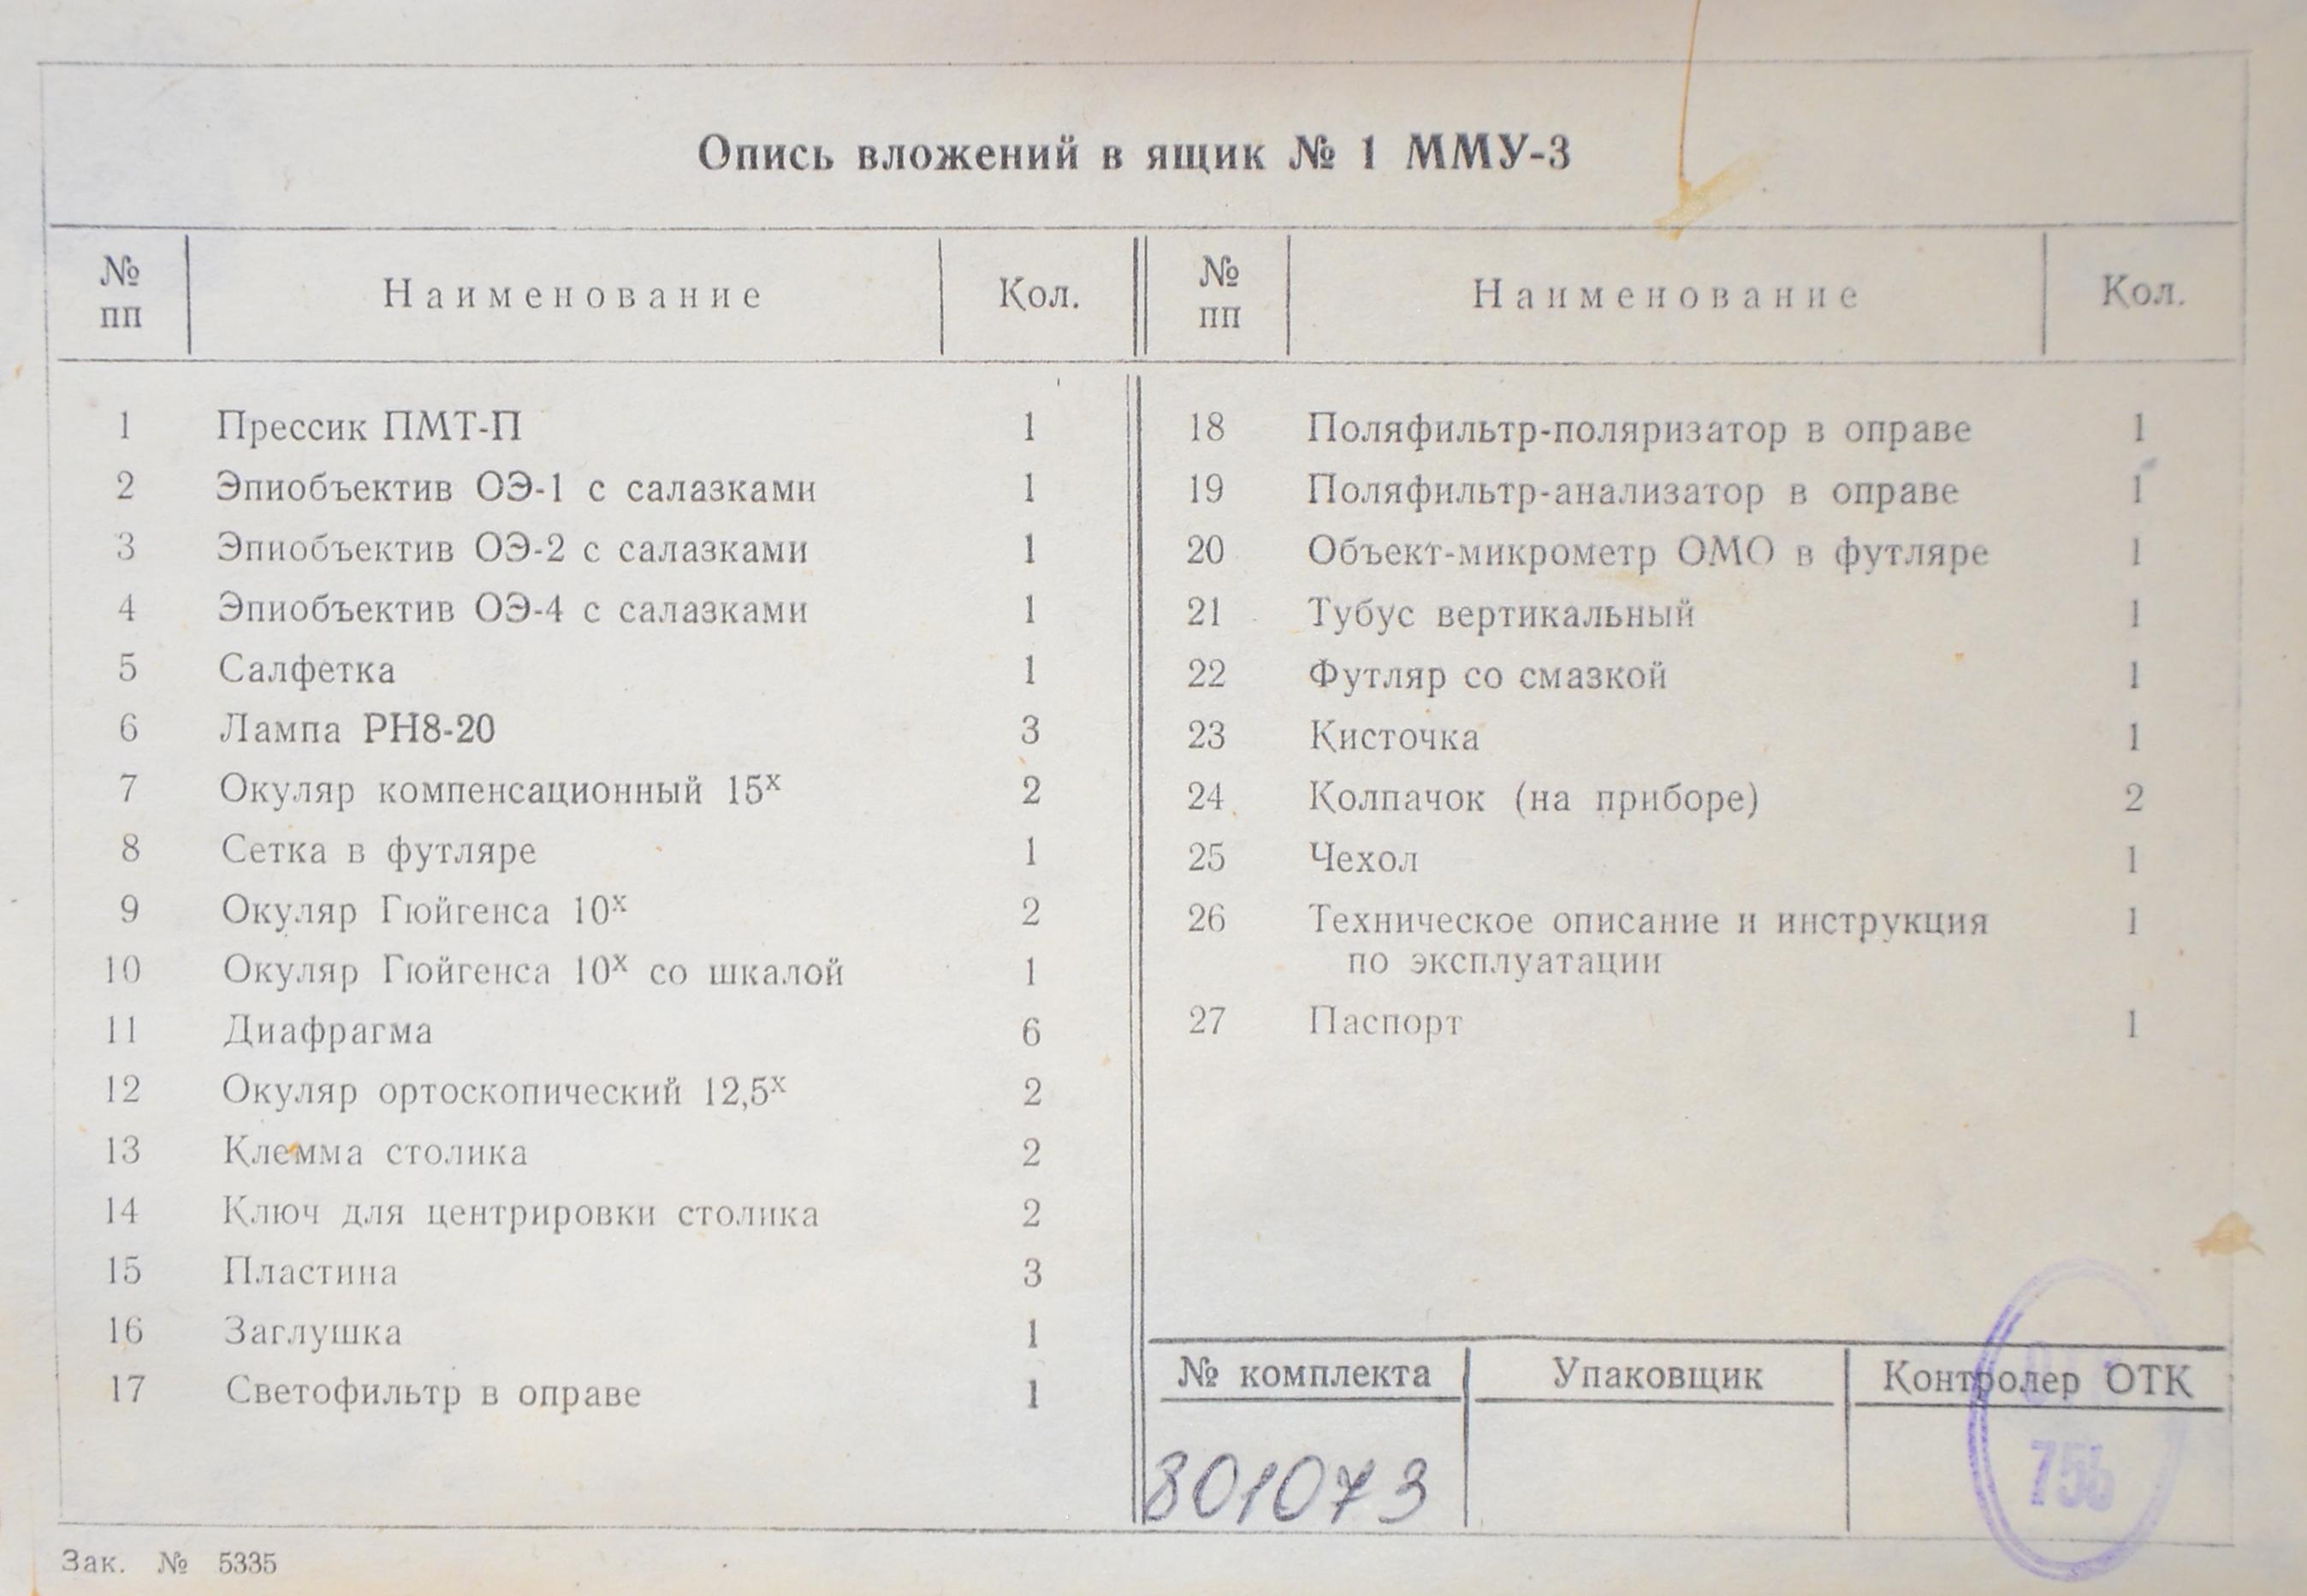 мму-3 опись вложений в ящик ЗИП